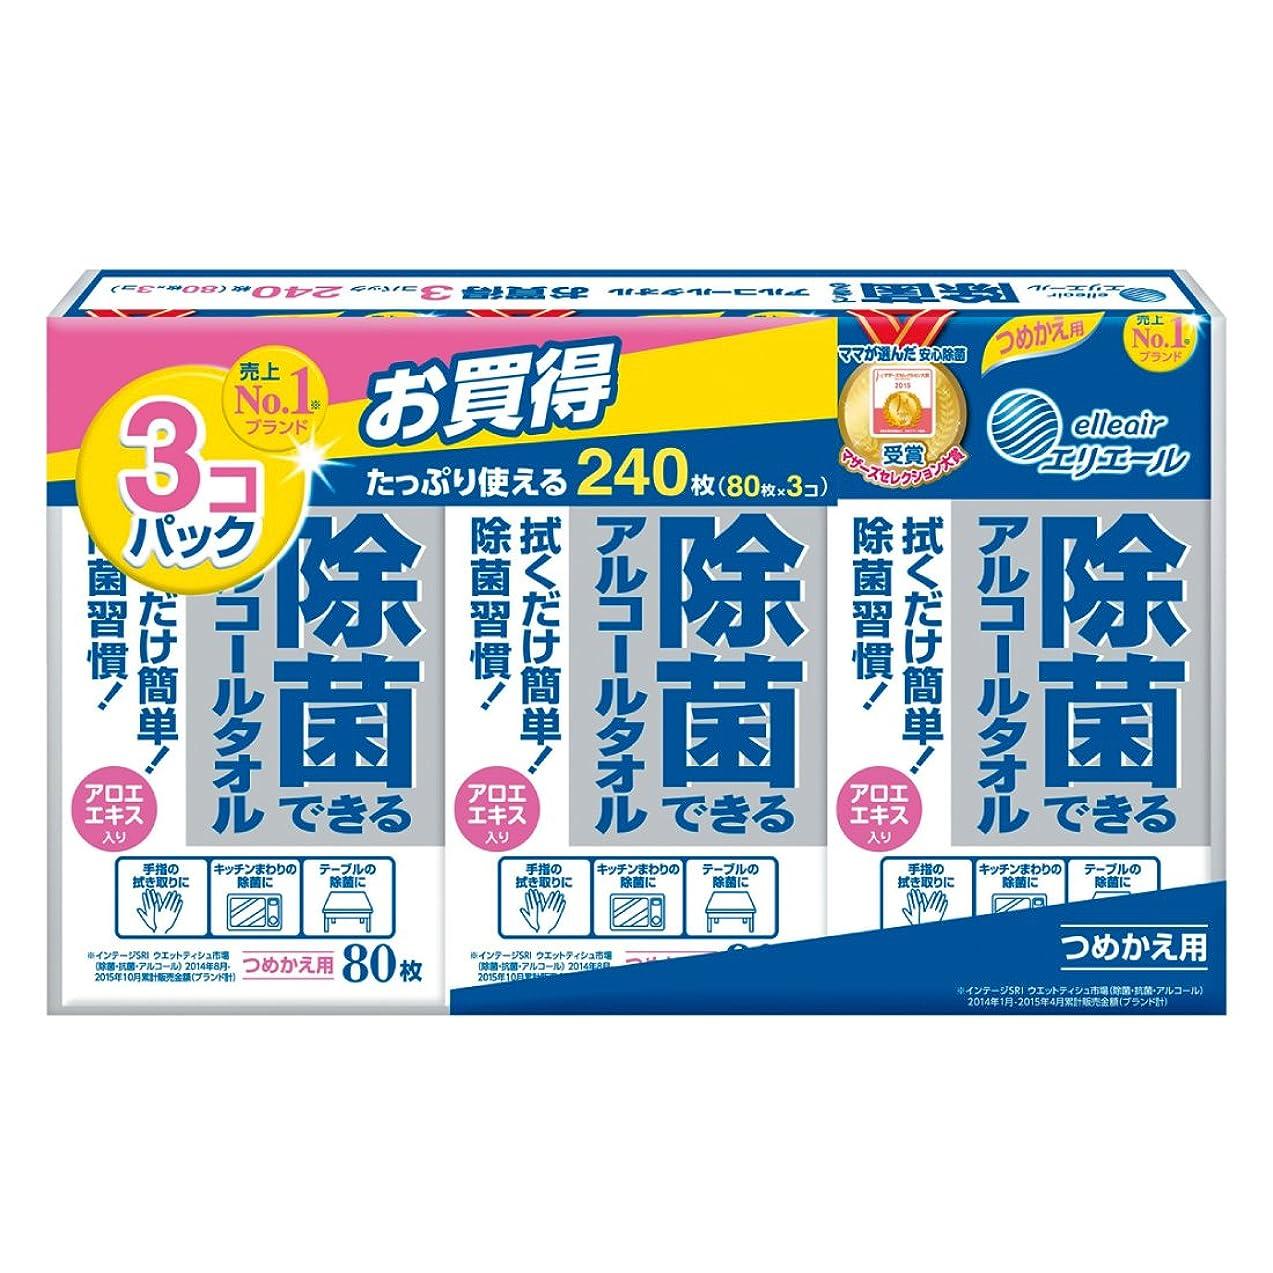 構造良いジャニスエリエール ウェットティッシュ 除菌 アルコールタイプ ボトル つめかえ用 240枚(80枚×3パック) 【まとめ買い】